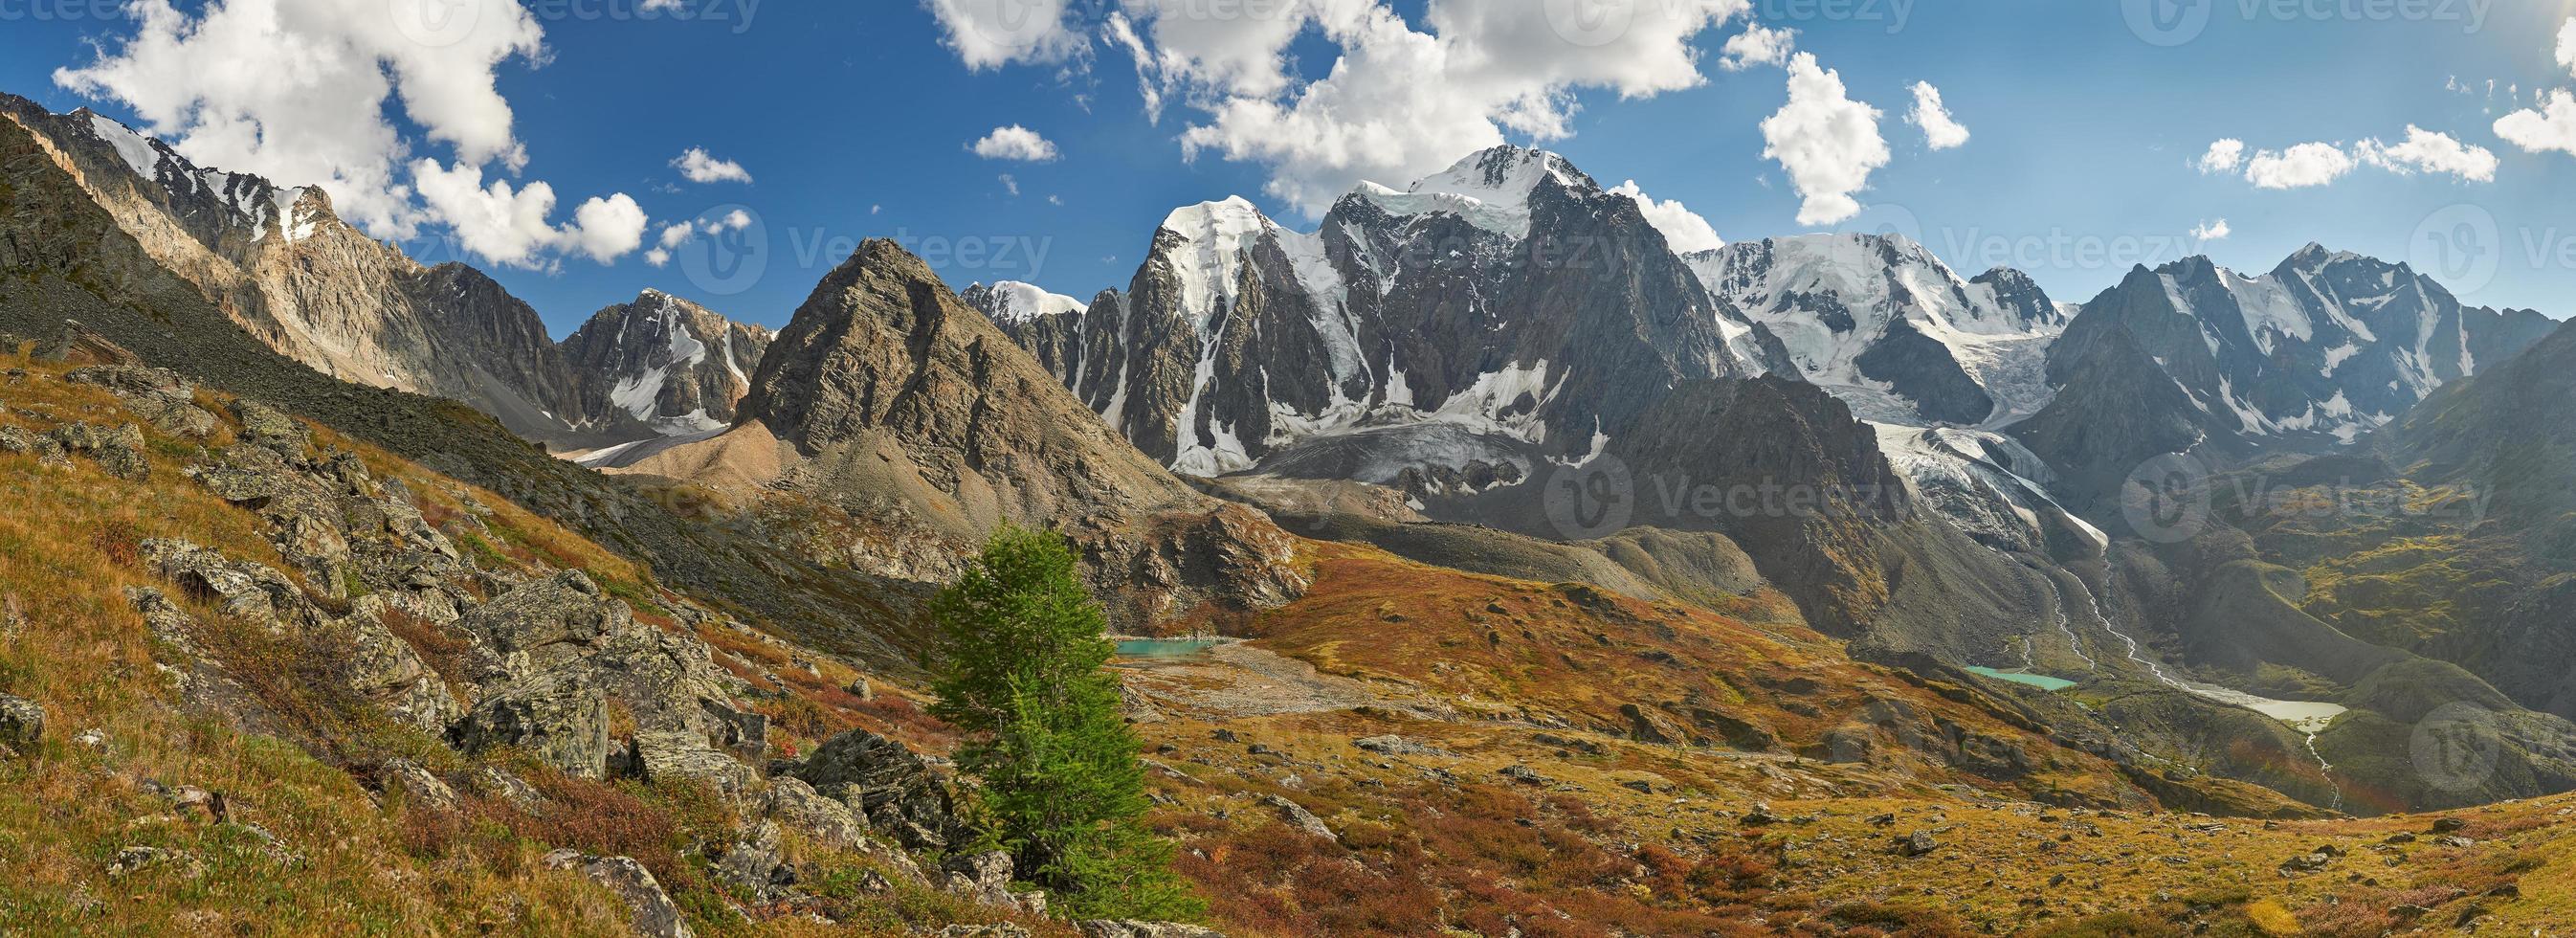 Altai mountains photo